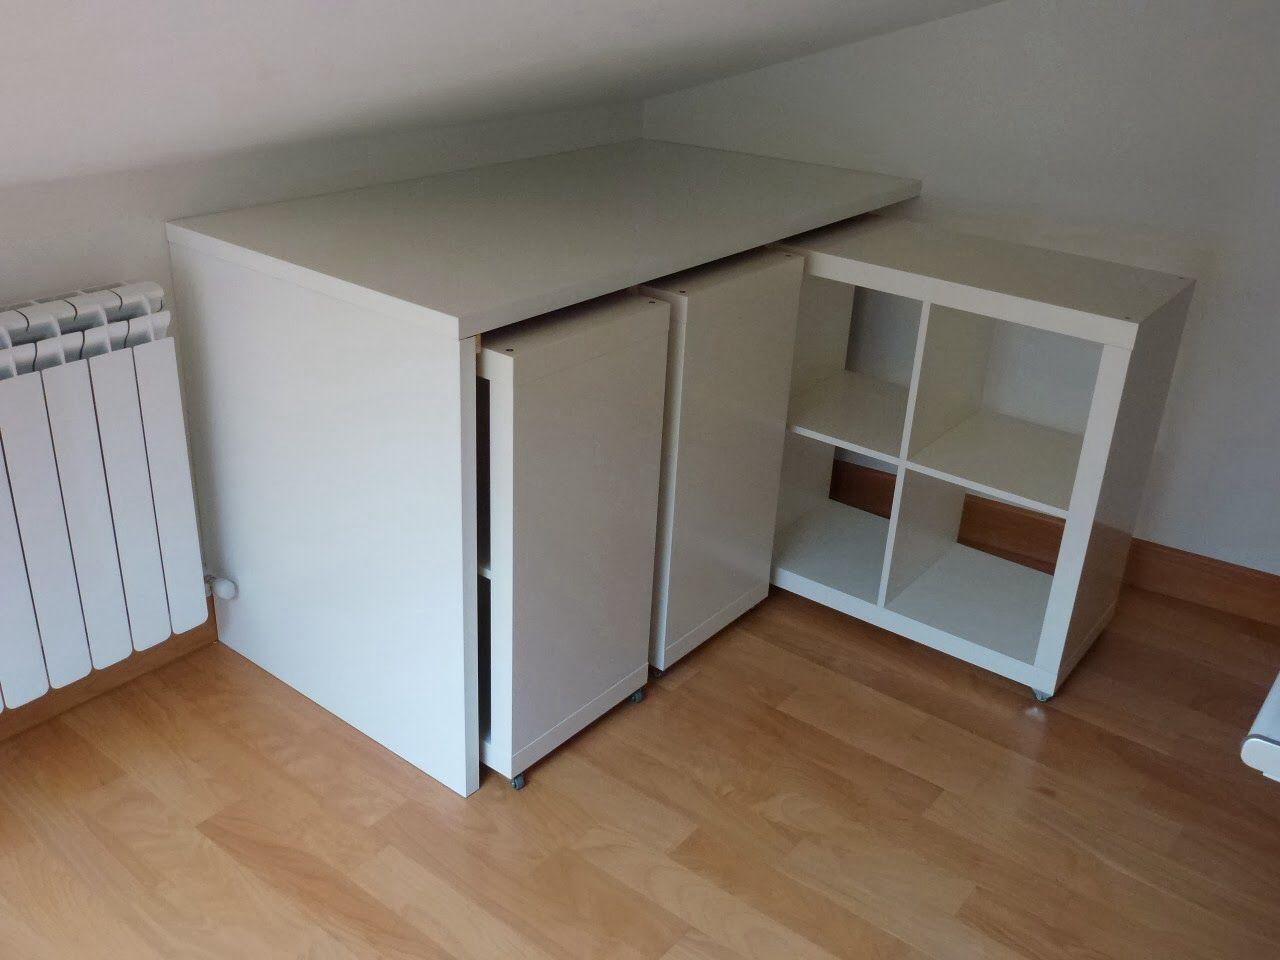 Gran idea con muebles de ikea design pinterest for Ideas muebles ikea